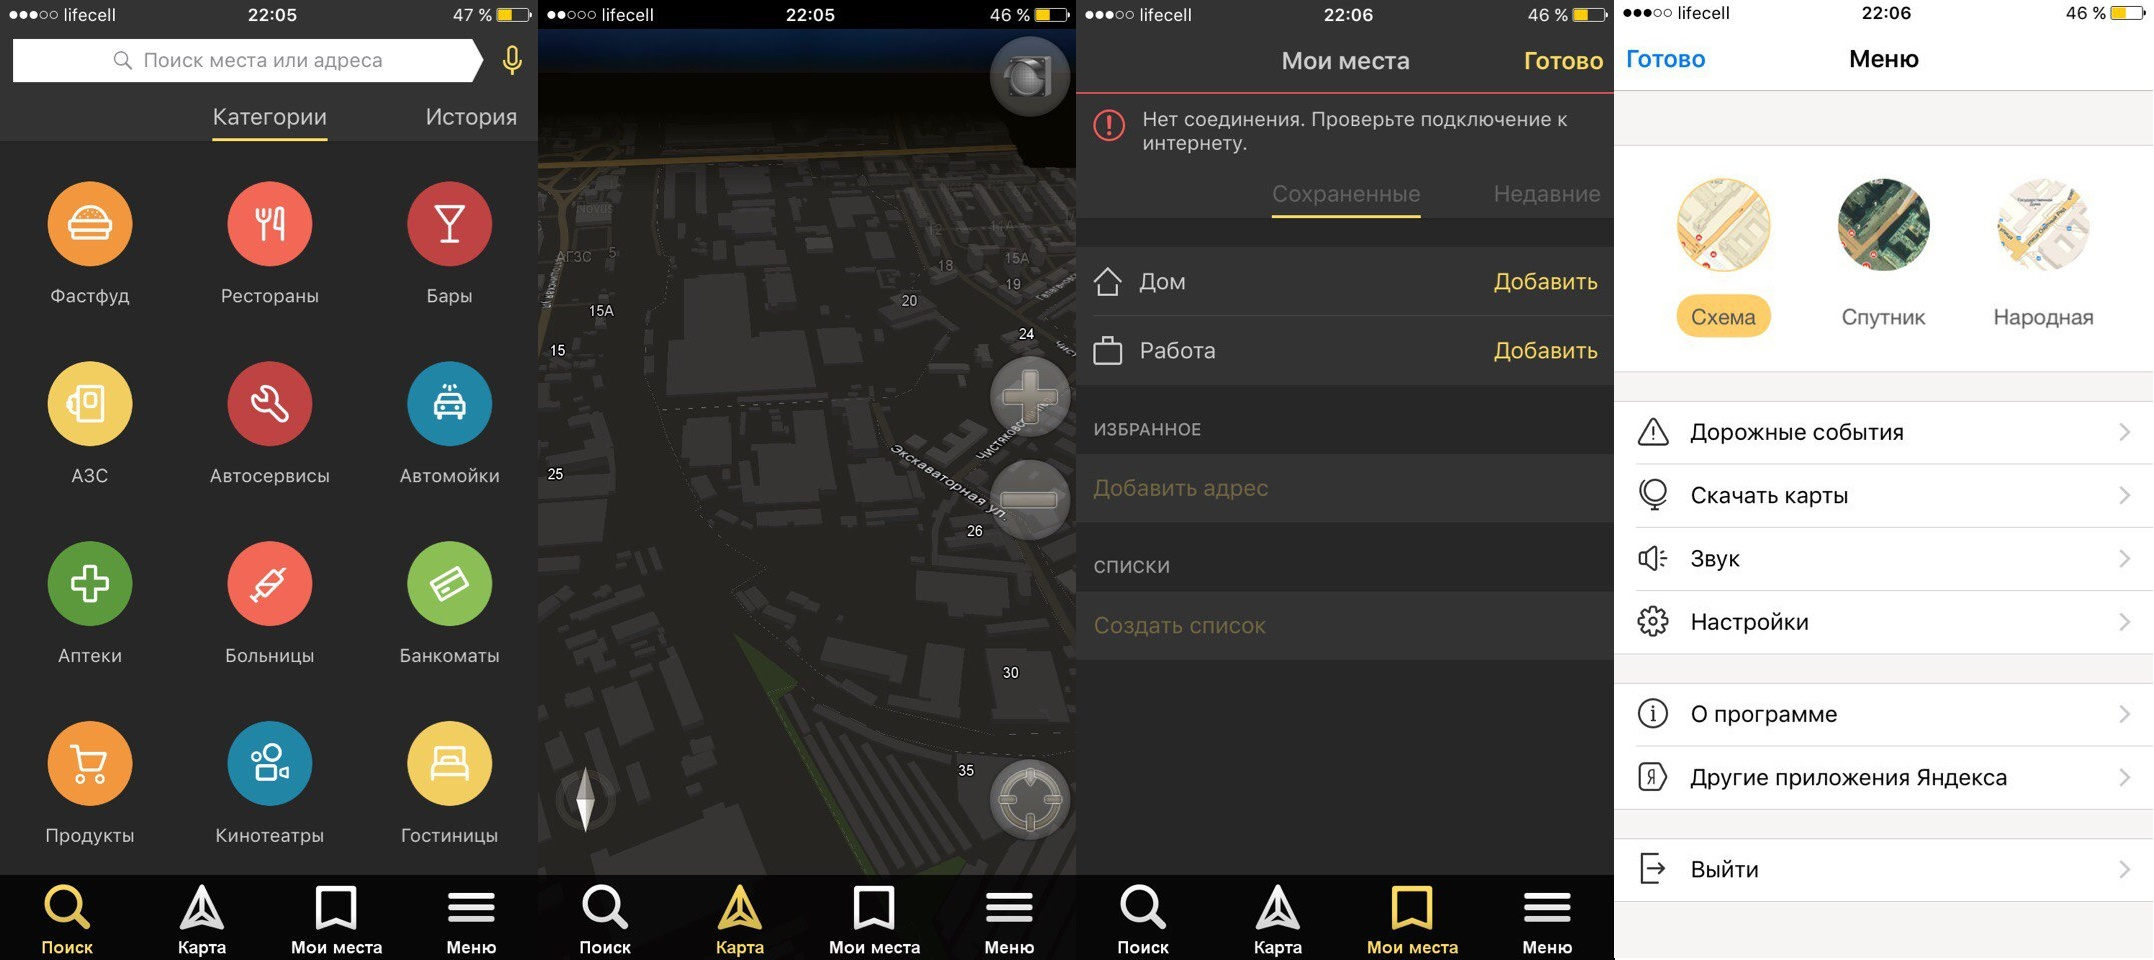 Yandex.Navigator - что это за программа?